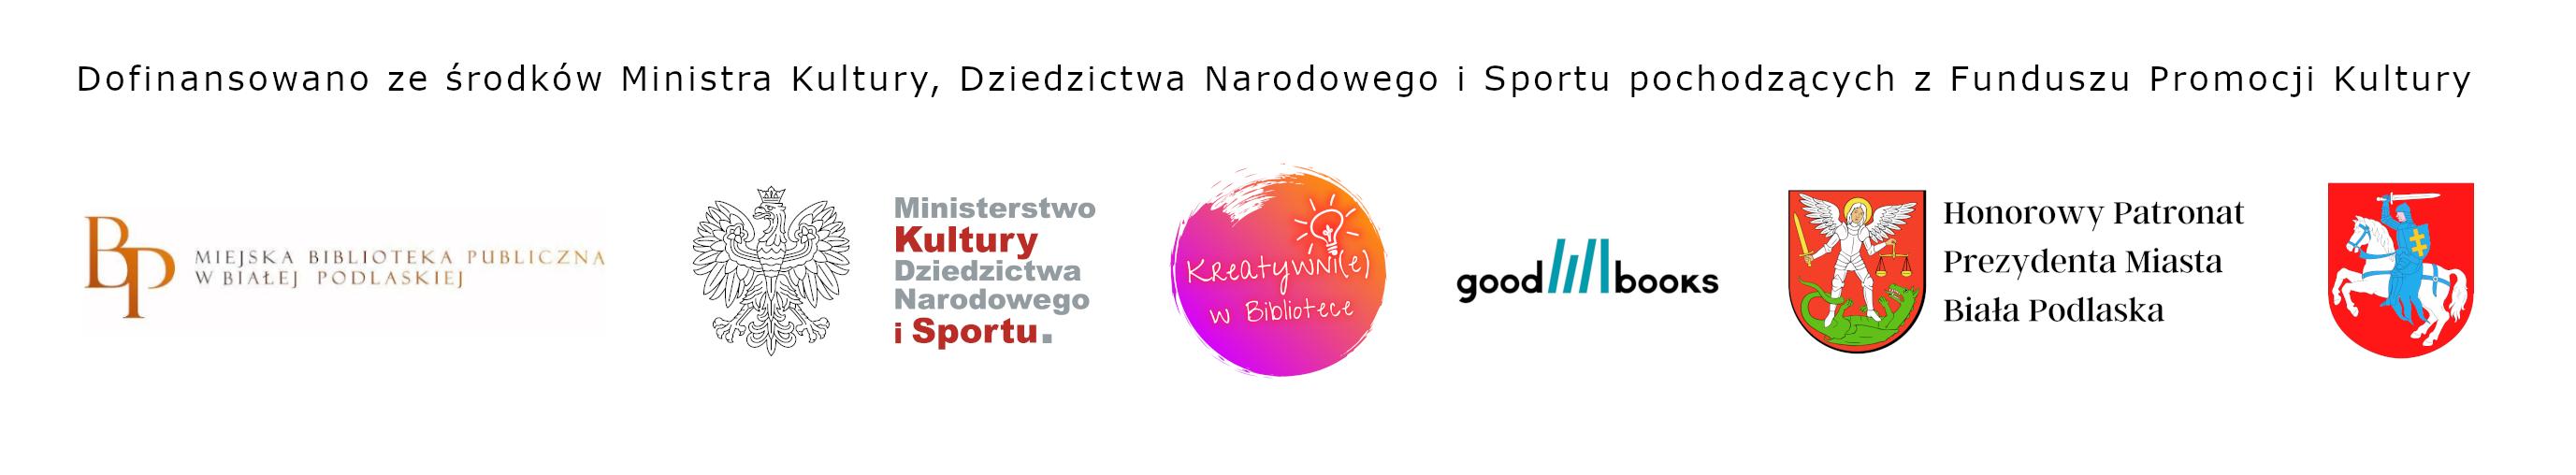 Logotypy organizatorów i partnerów projektu.